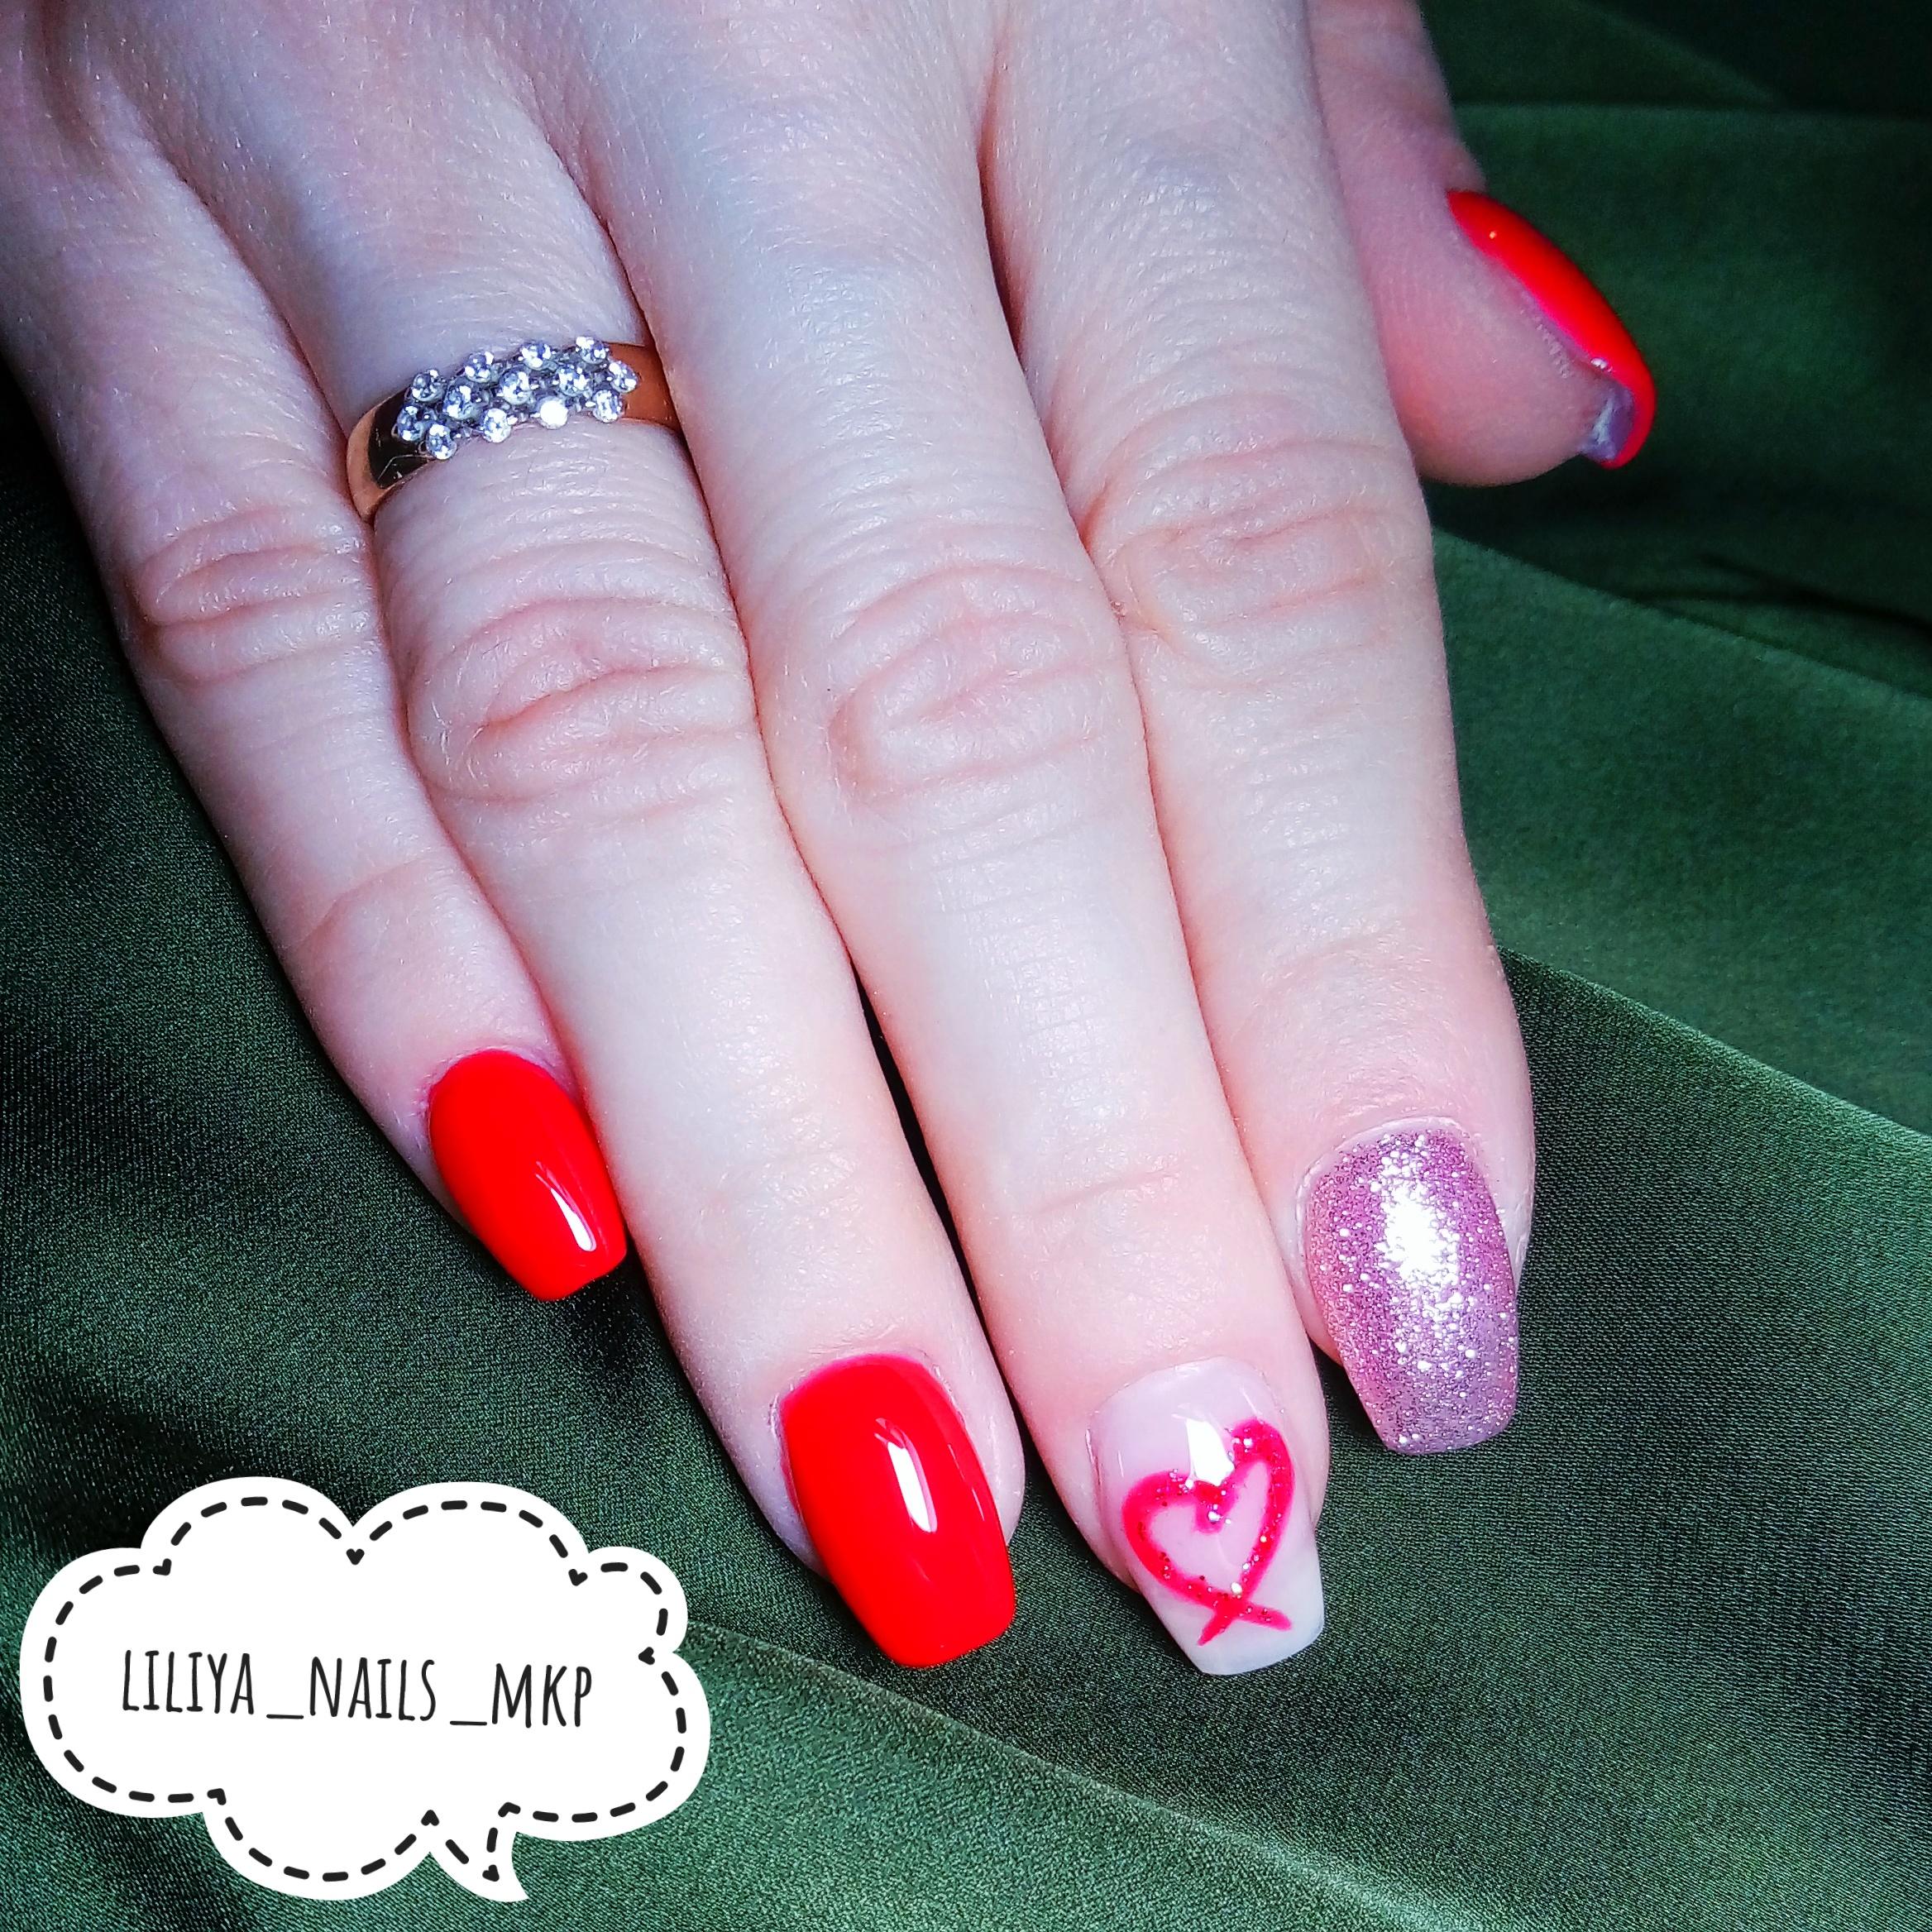 Маникюр с сердечком и блестками в красном цвете на короткие ногти.